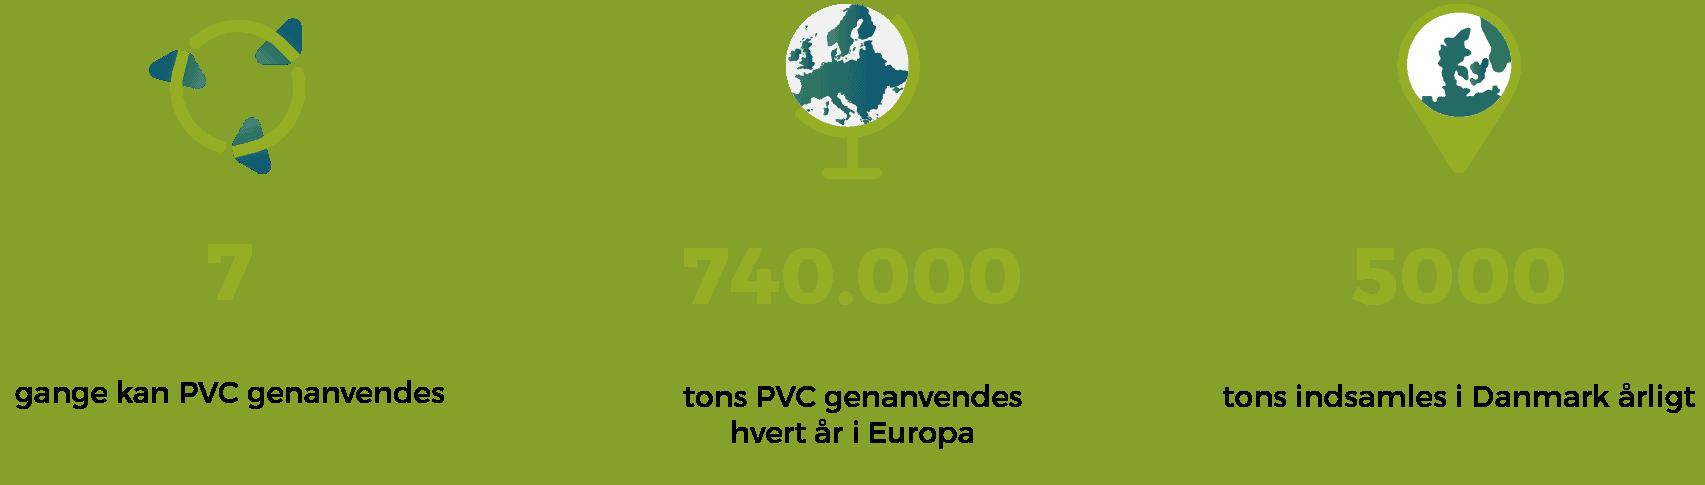 PVC-genanvendelse i Europa